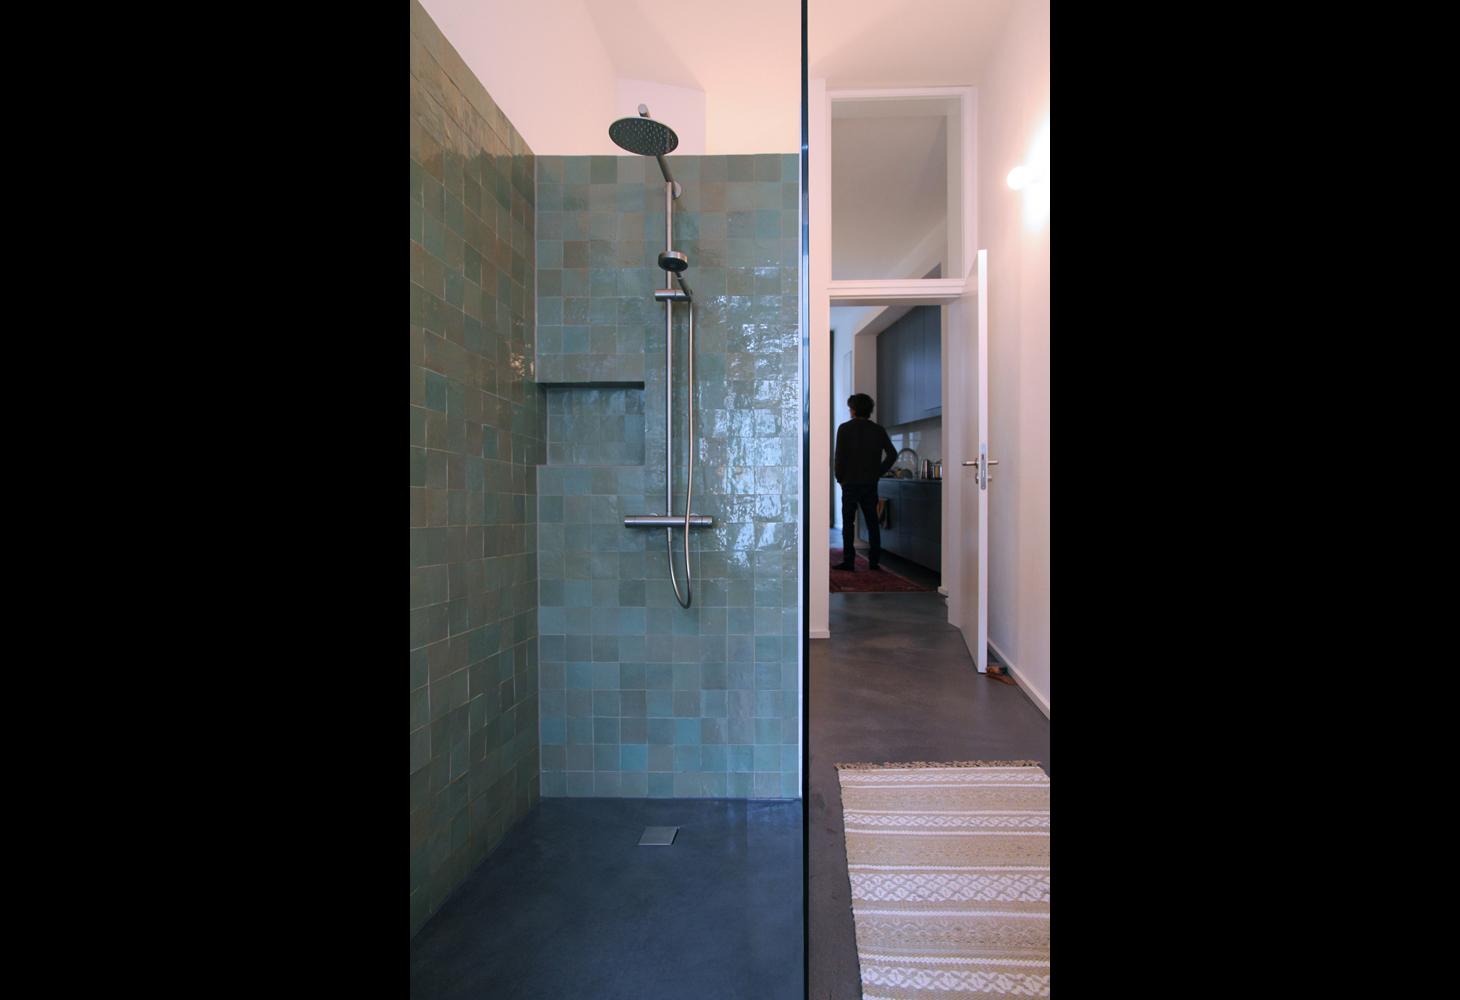 Wandfliesen 10 x 10 im Duschbereich.